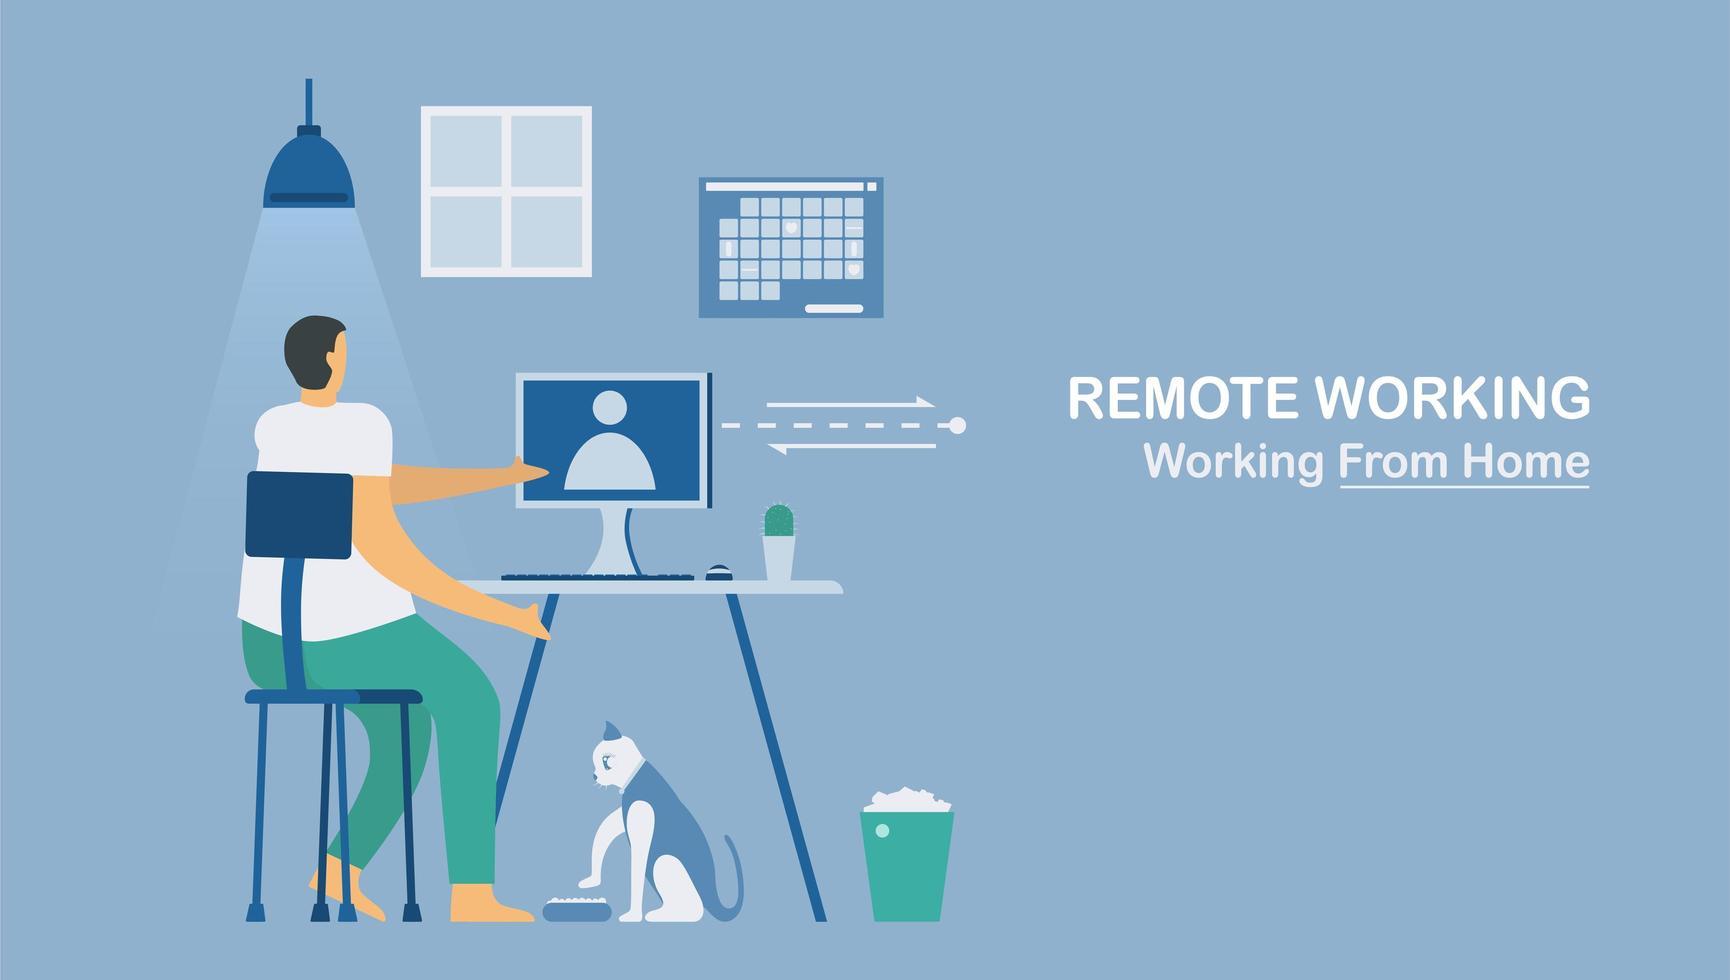 fjärrarbete eller arbete hemifrån för att skydda nya coronavirus vektor